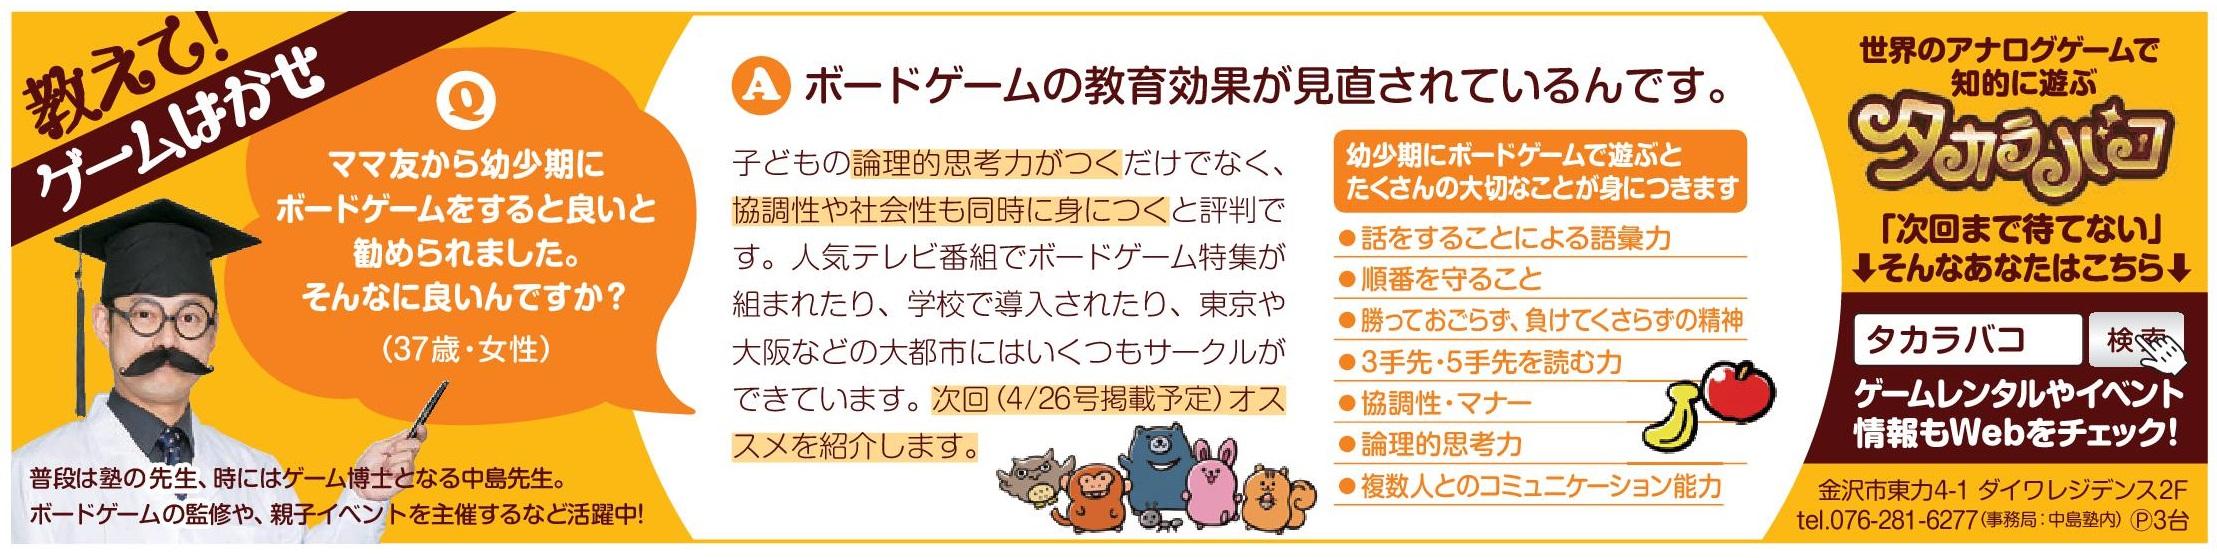 タカラバコ様_KJ0329-2